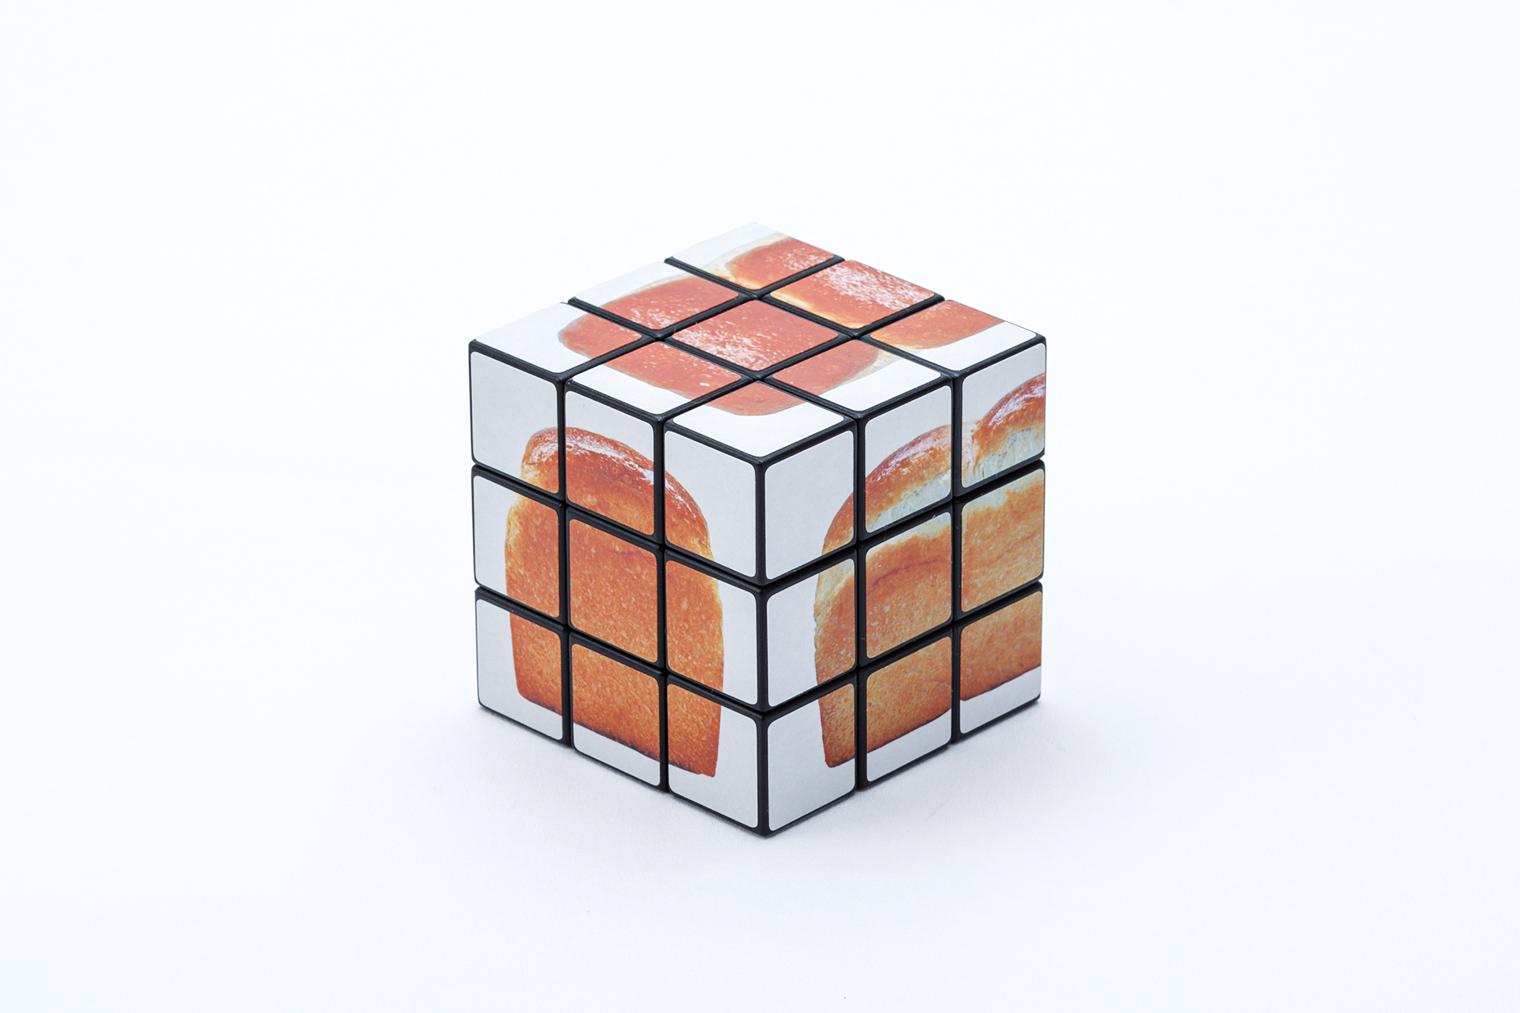 オリジナル6面パズルは小ロットのノベルティとしてもおすすめです